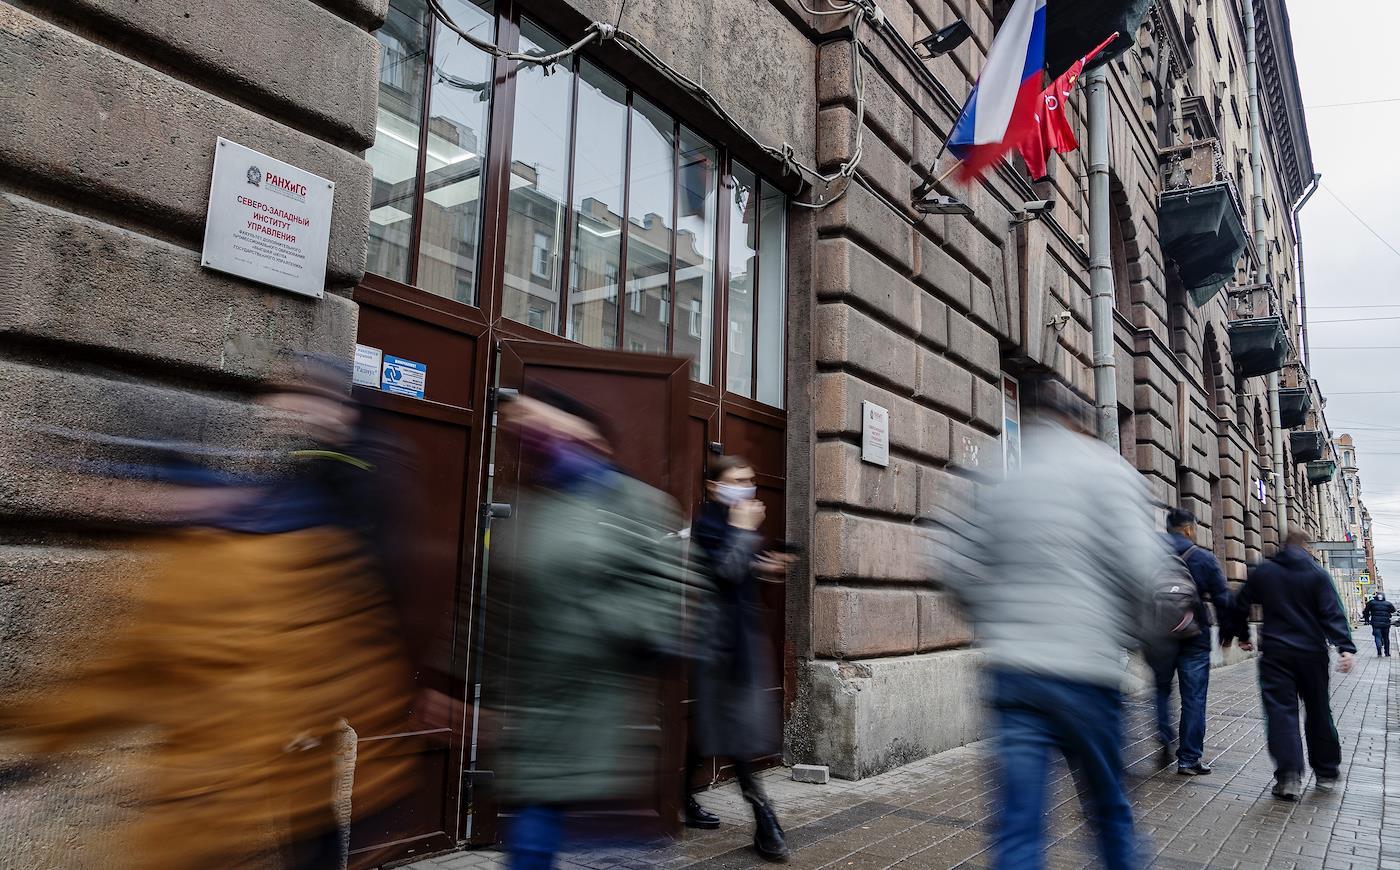 Незачет за агитацию. Как студентам в Петербурге предложили поработать на «Единую Россию» в качестве практики